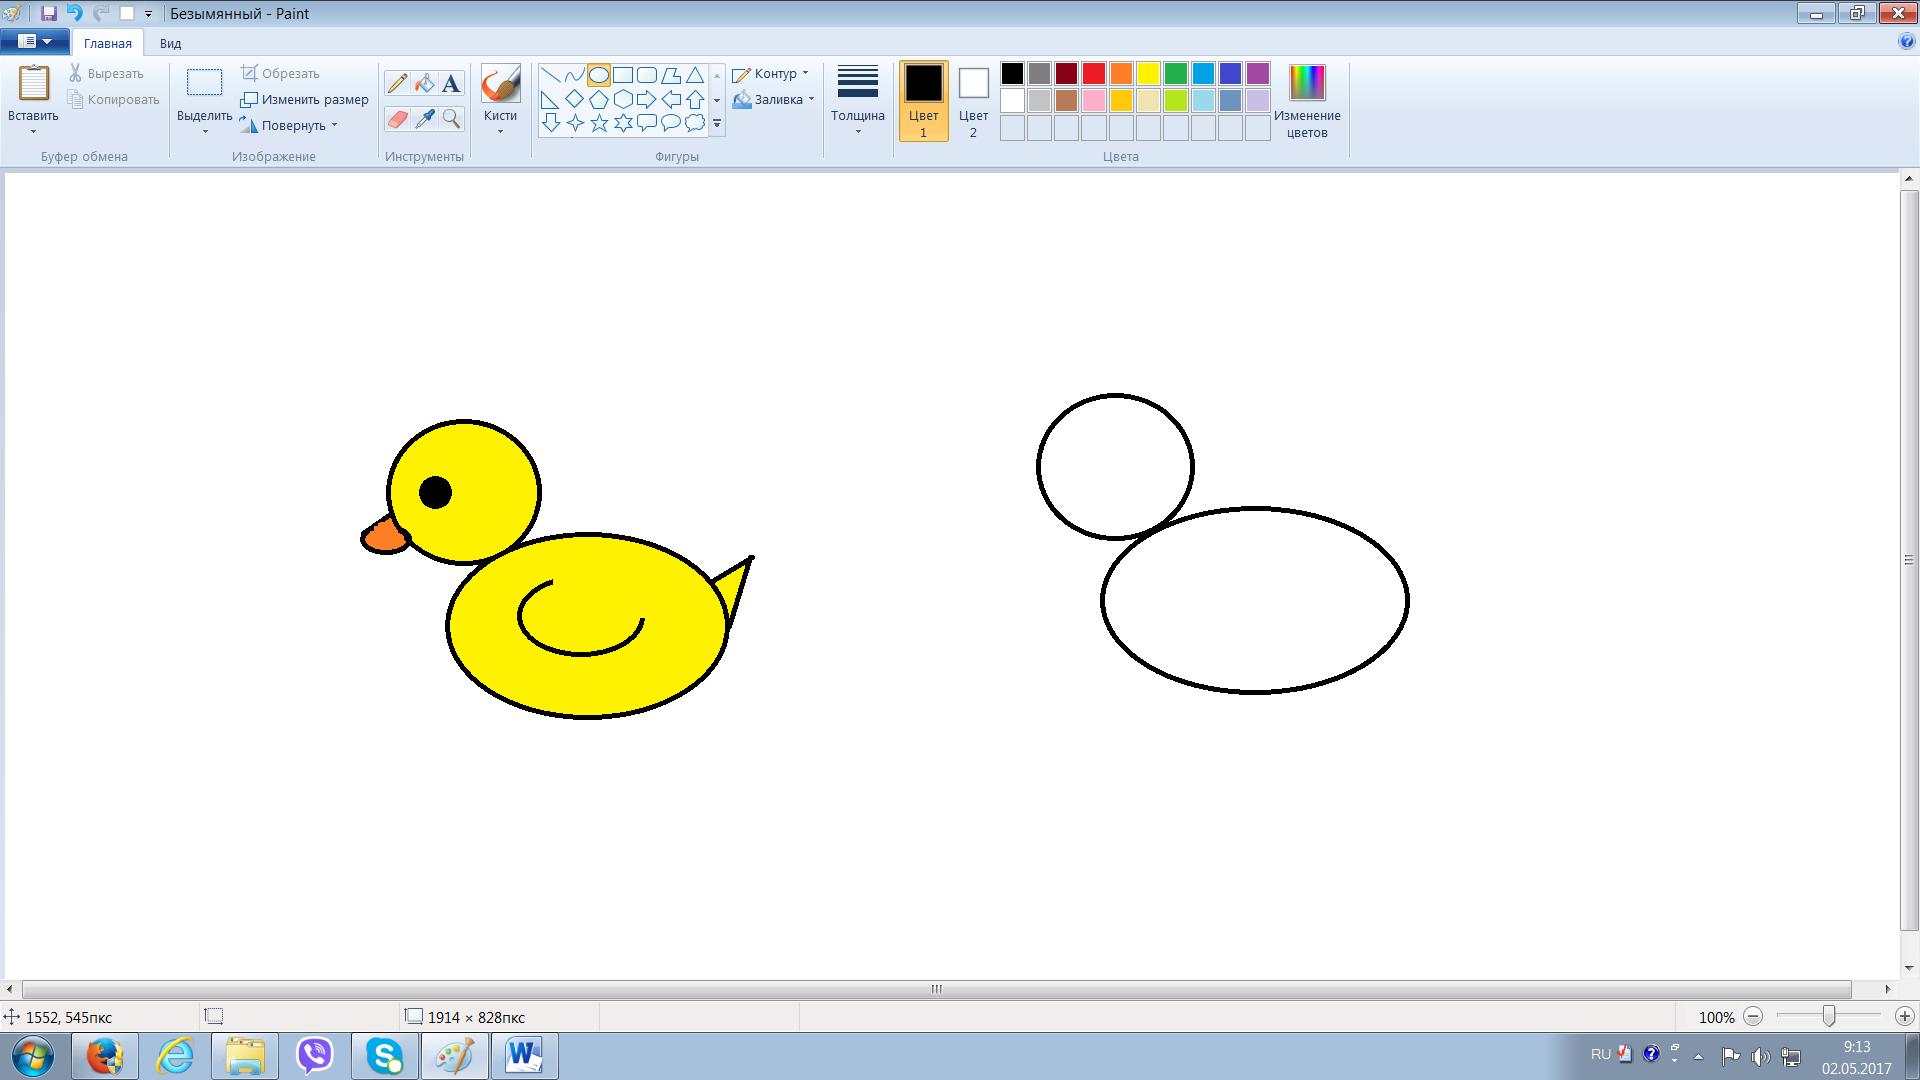 Рисунки с анимацией в паинте